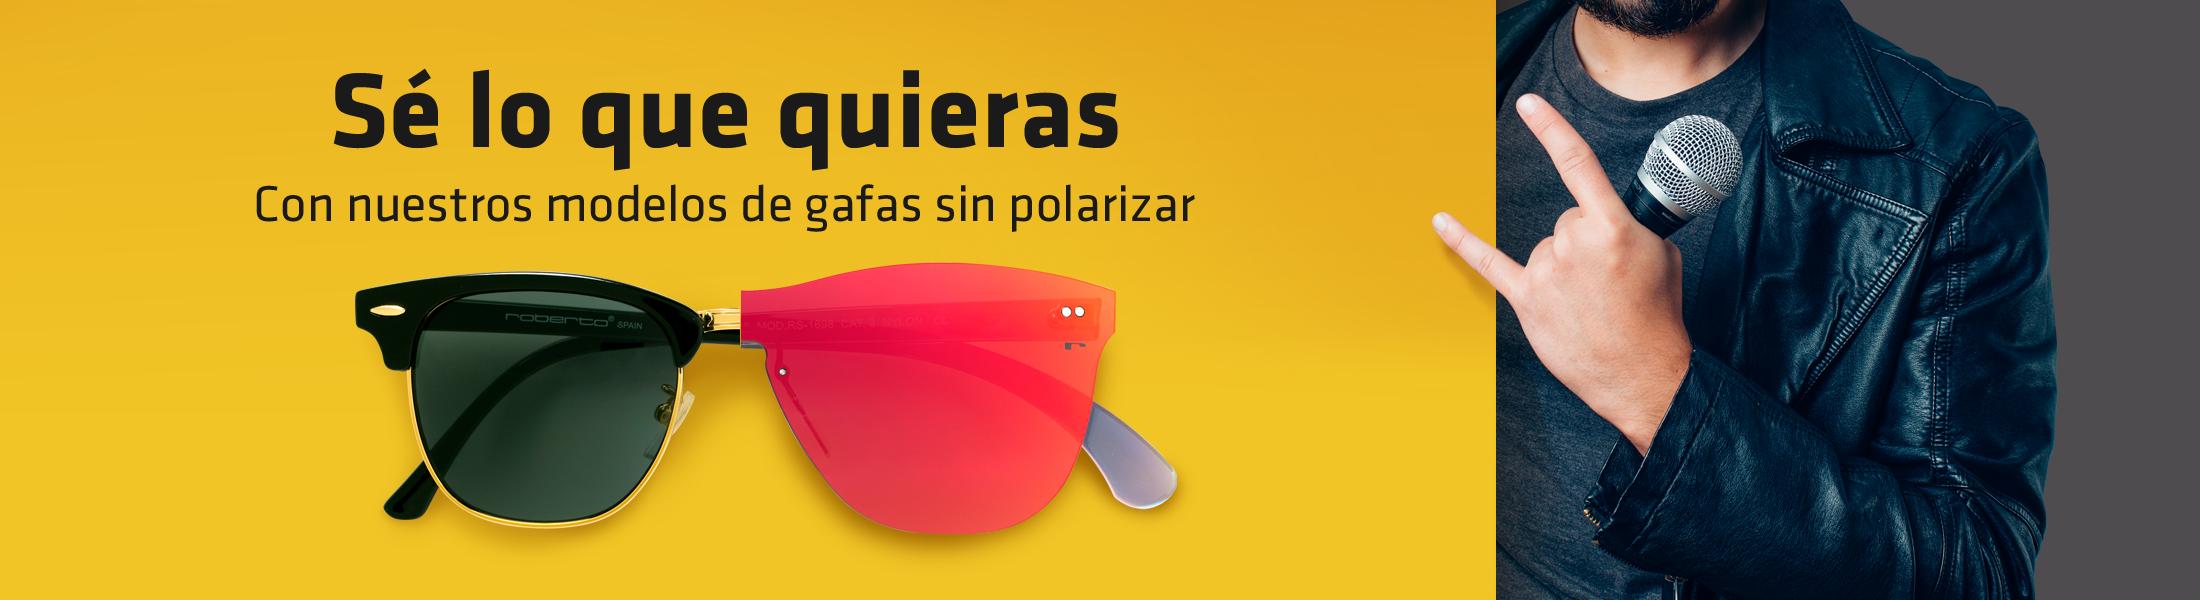 gafas de sol sin polarizar